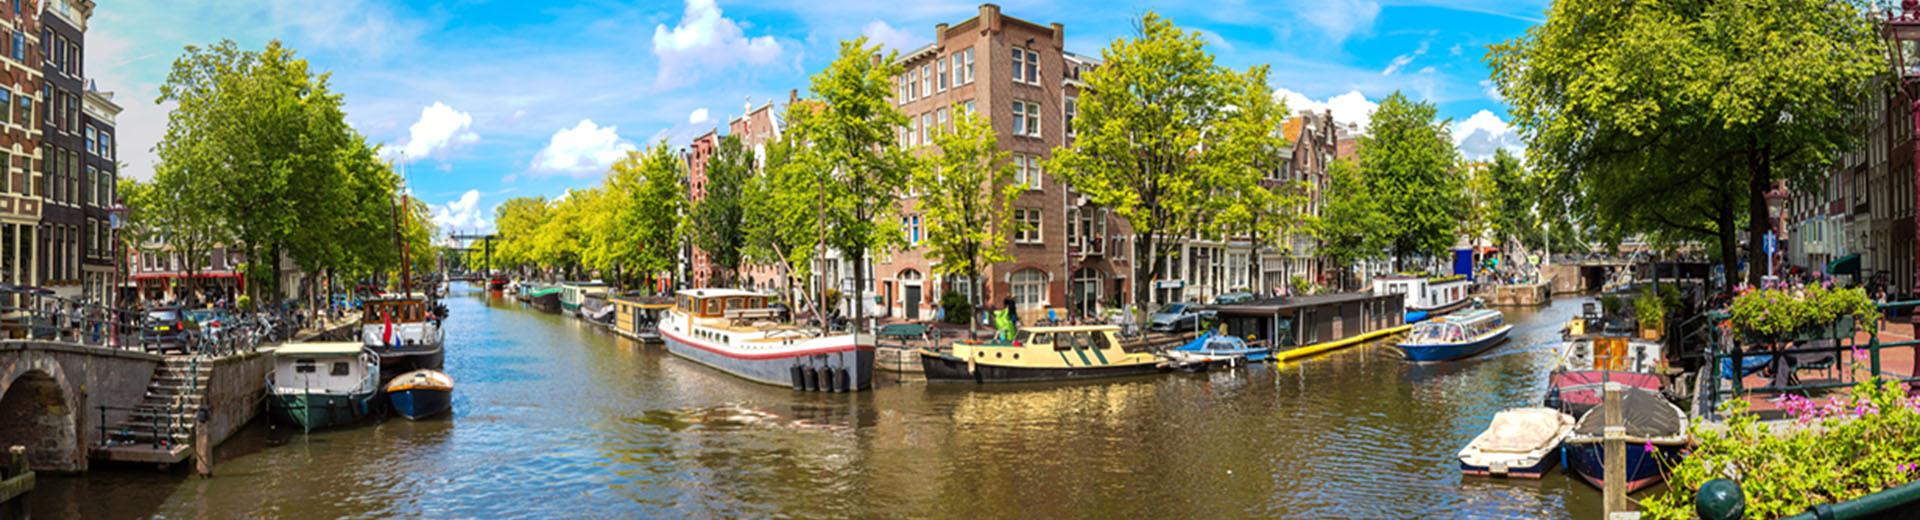 Voyage en groupe Amsterdam - offre économique vol